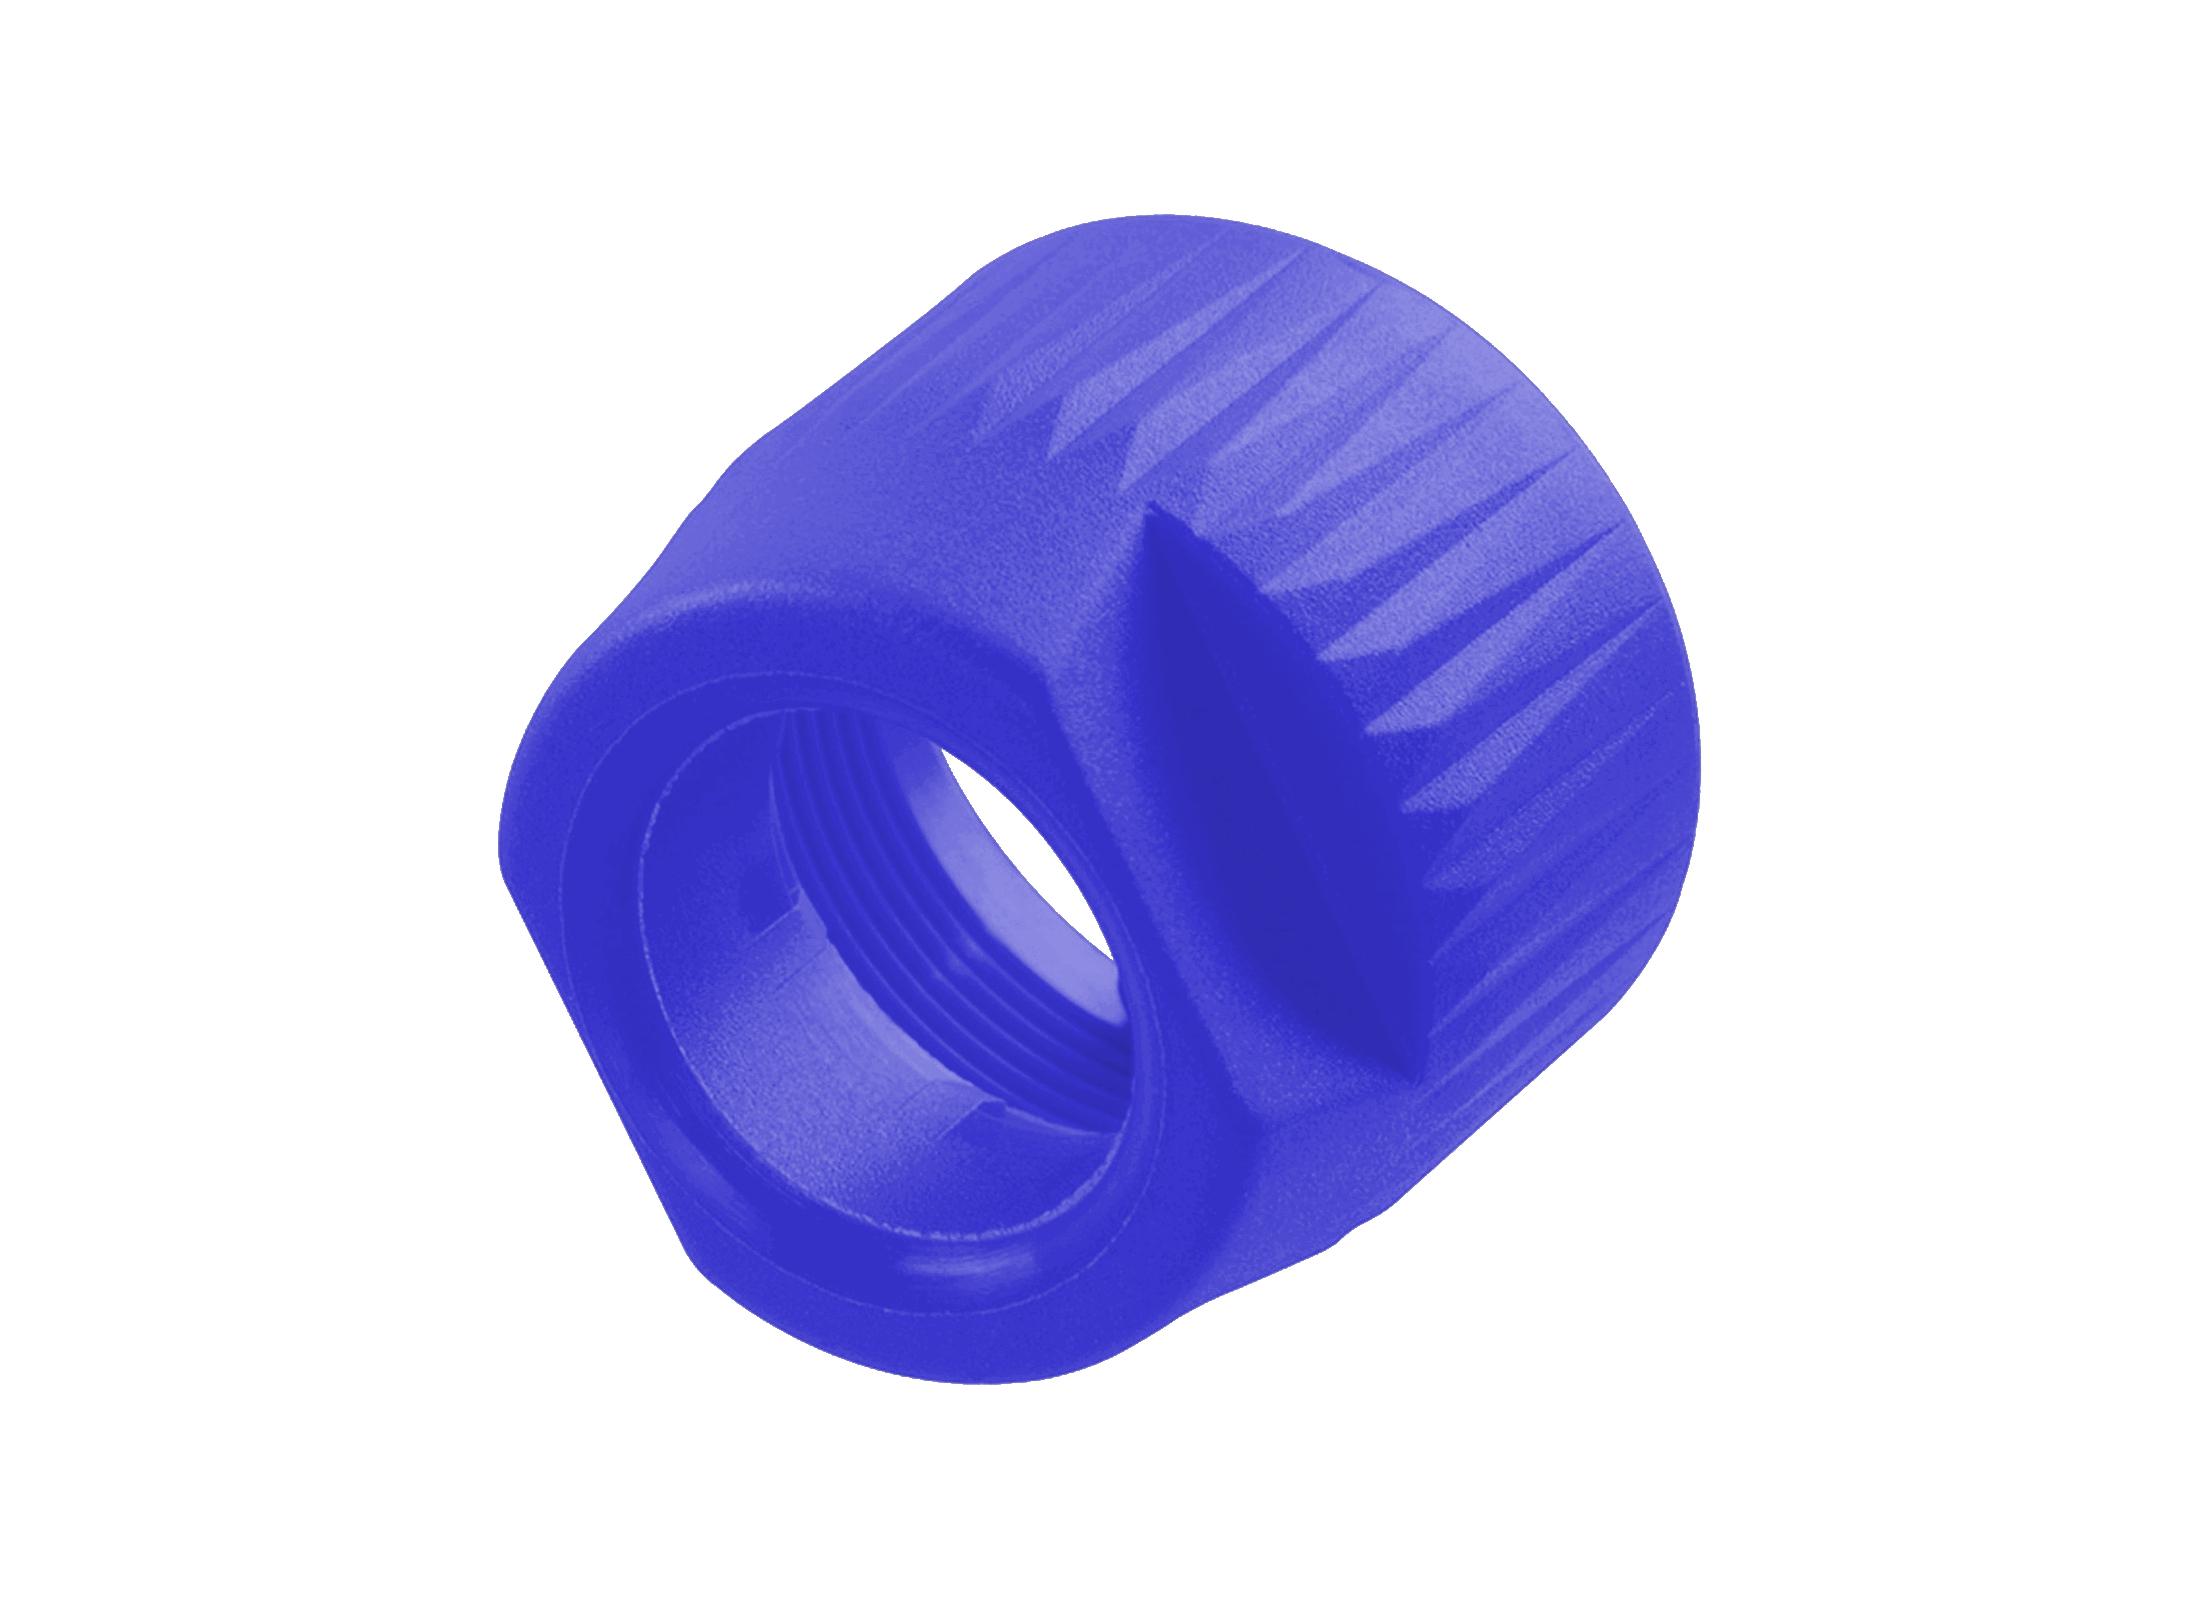 Neutrik BSL-7 MKI Kodiertülle, violett günstig online kaufen bei ...